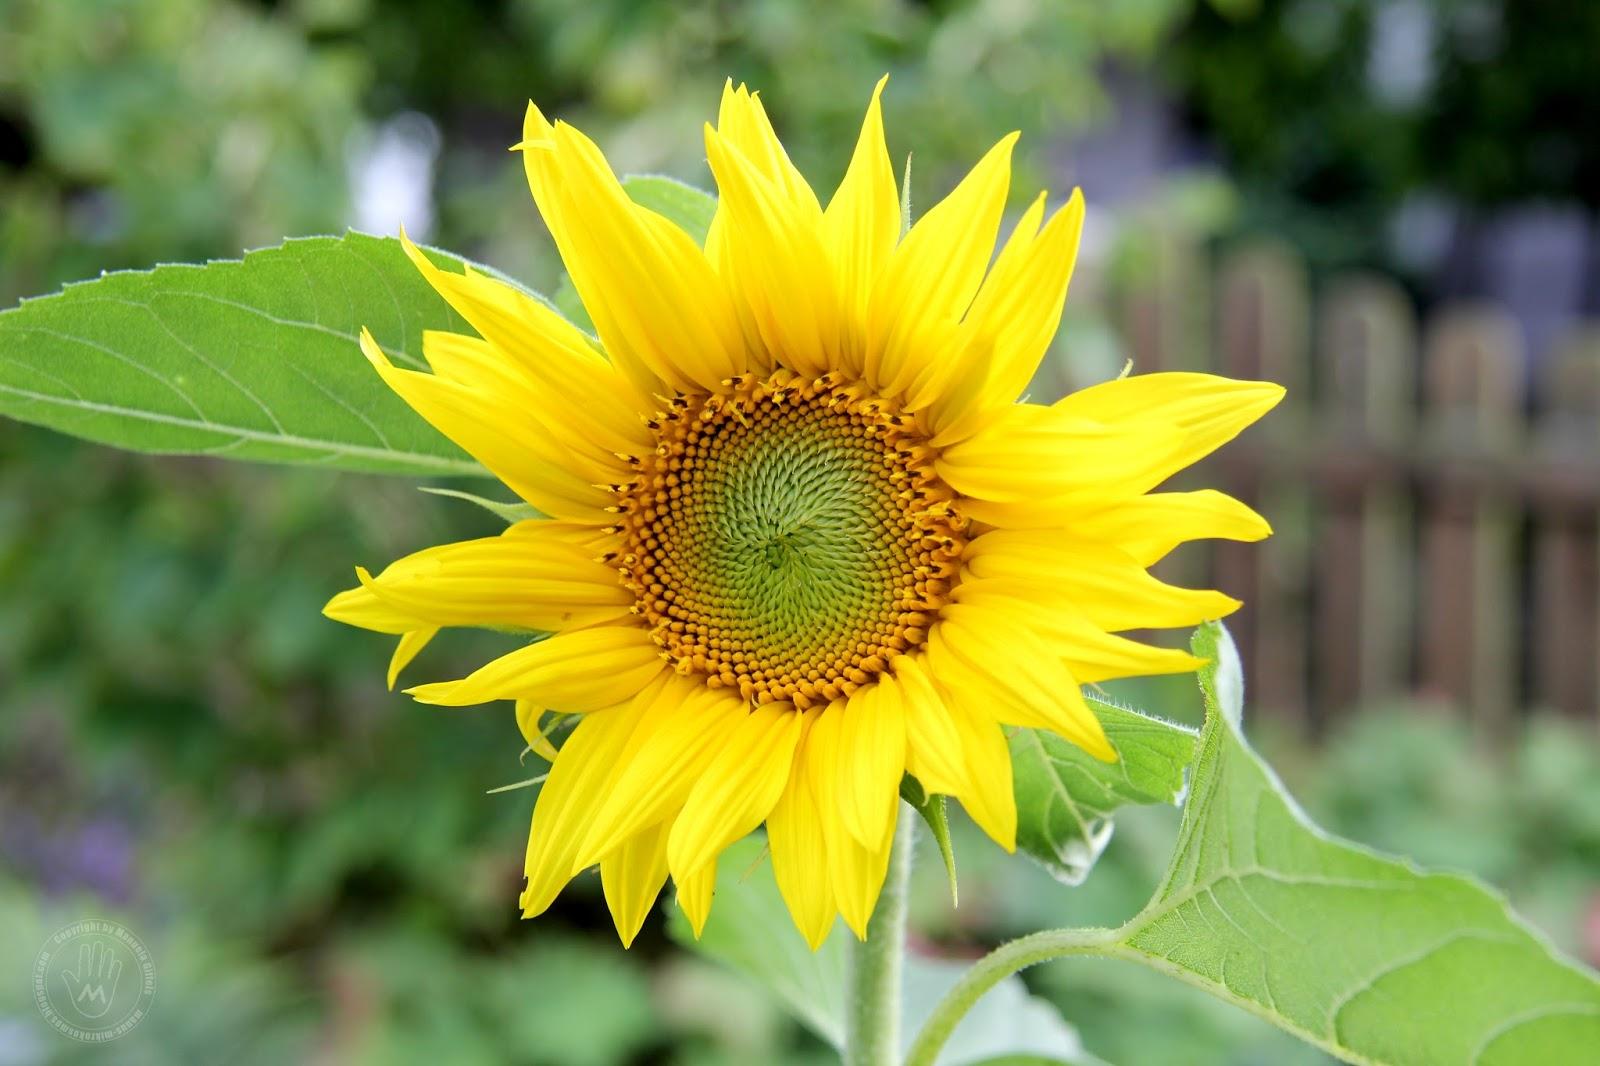 Mikrokosmos MiFoC August Woche 1 Blume